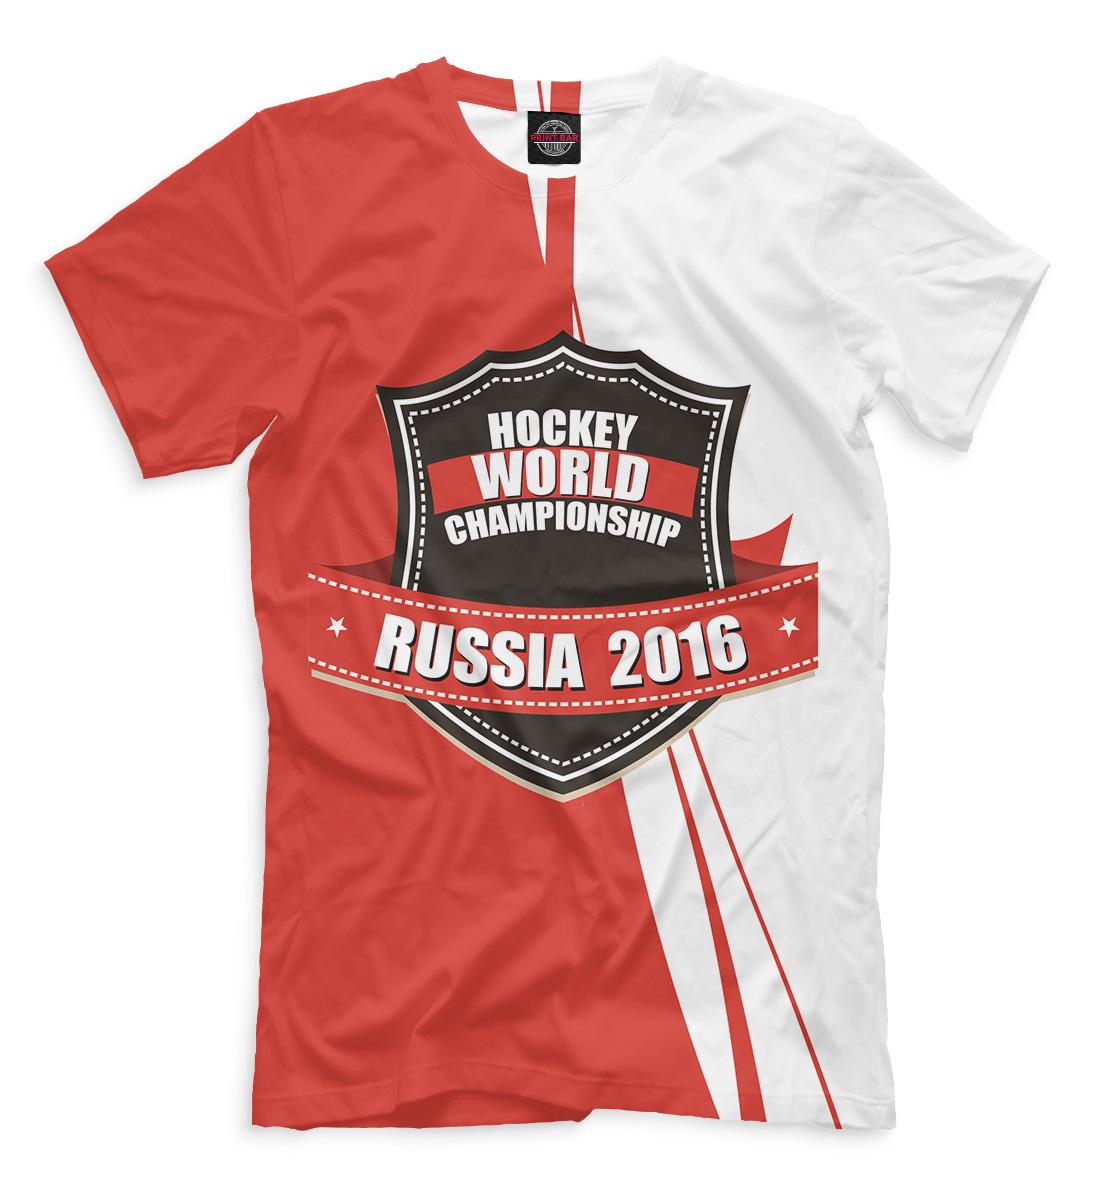 Купить Россия 2016, Printbar, Футболки, HOK-598290-fut-2